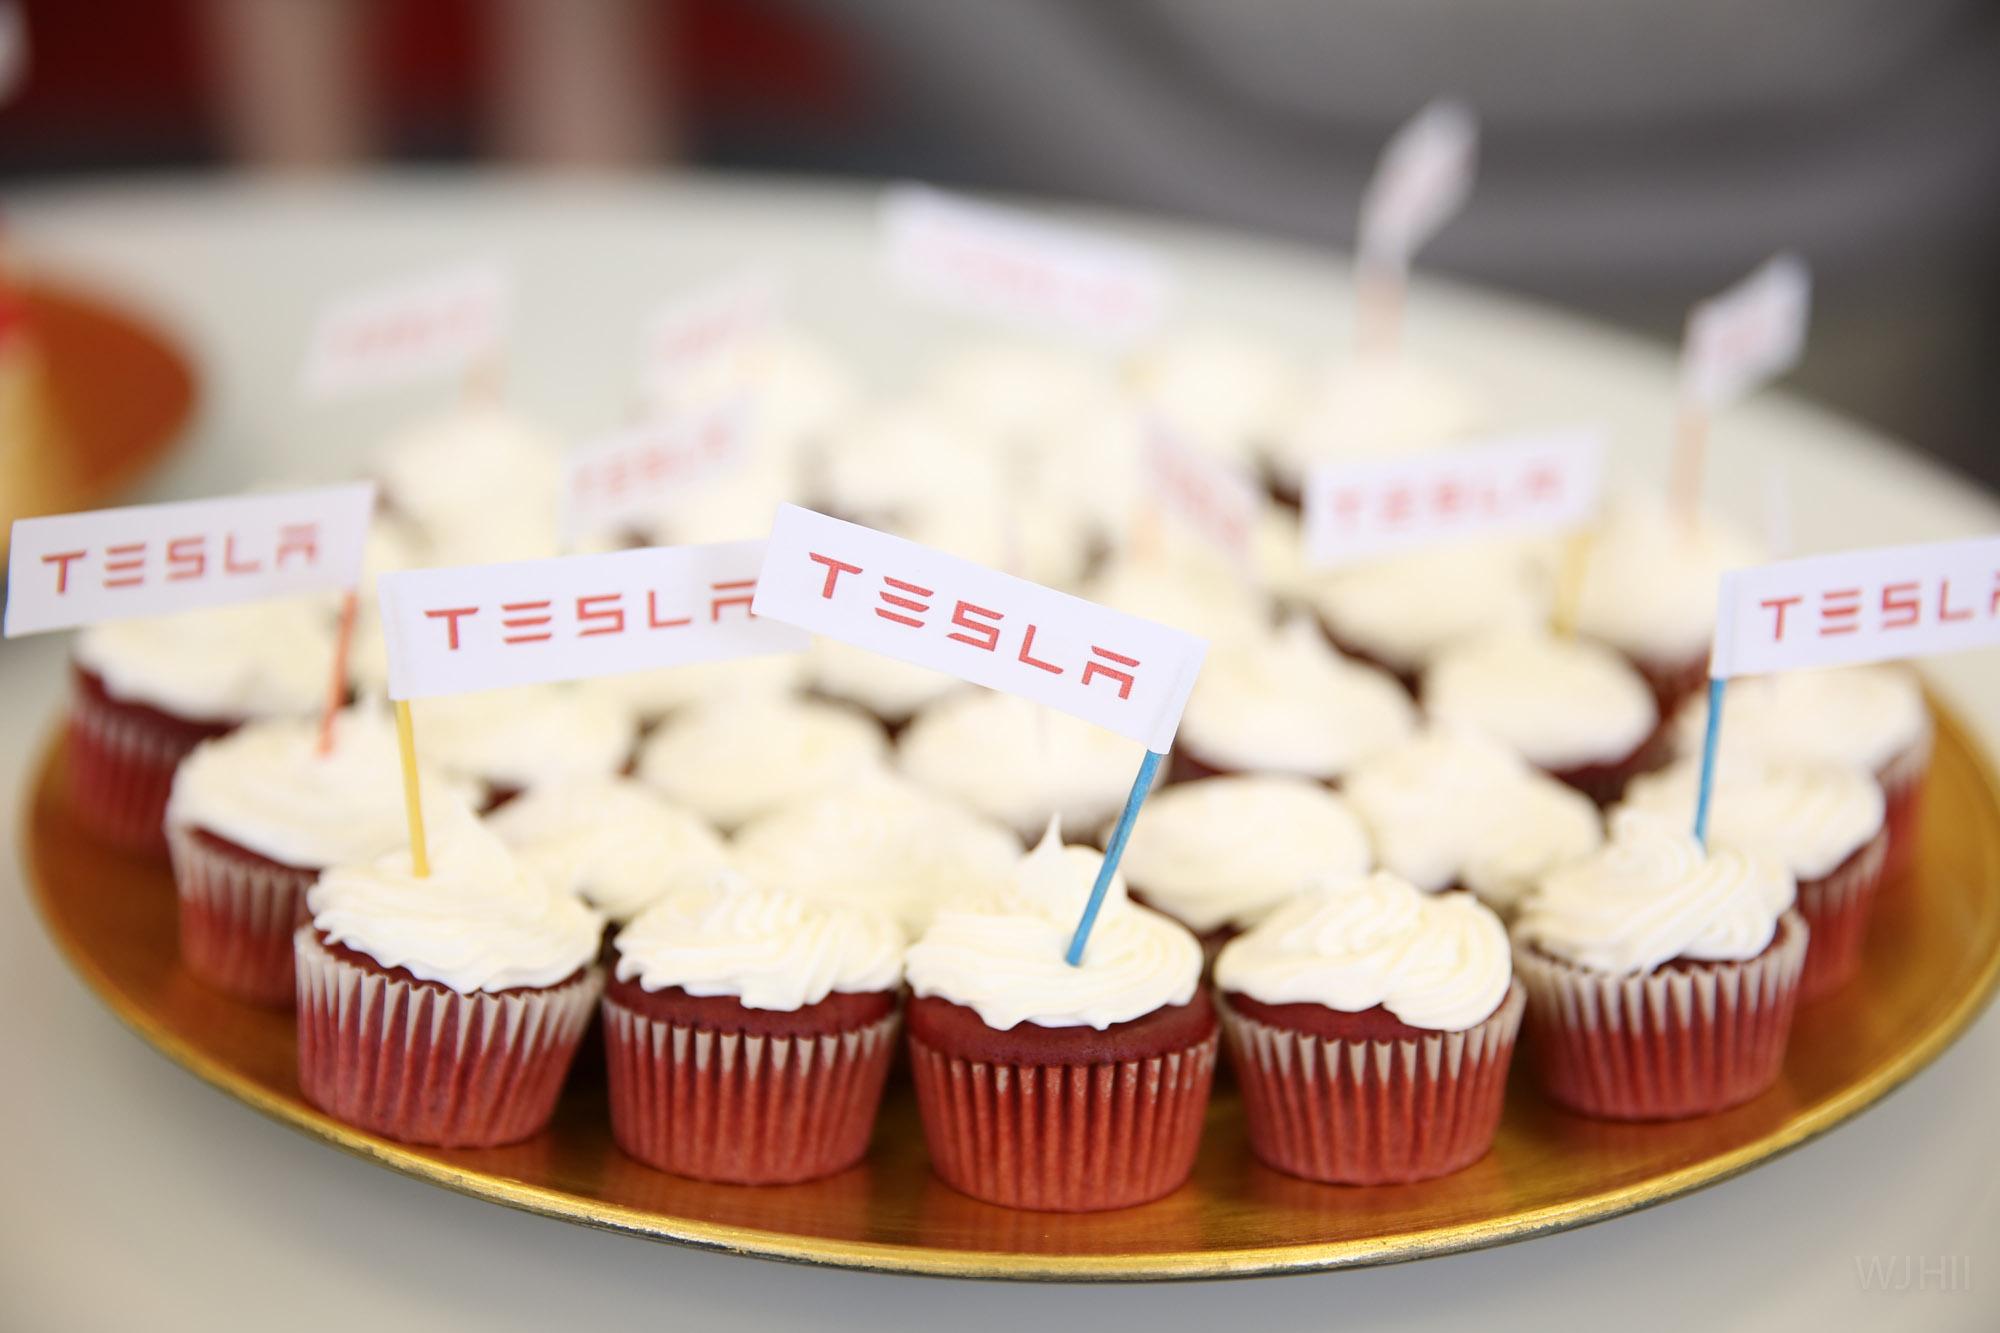 TeslaMotorsClub_Tampa_28APR13_0017.jpg